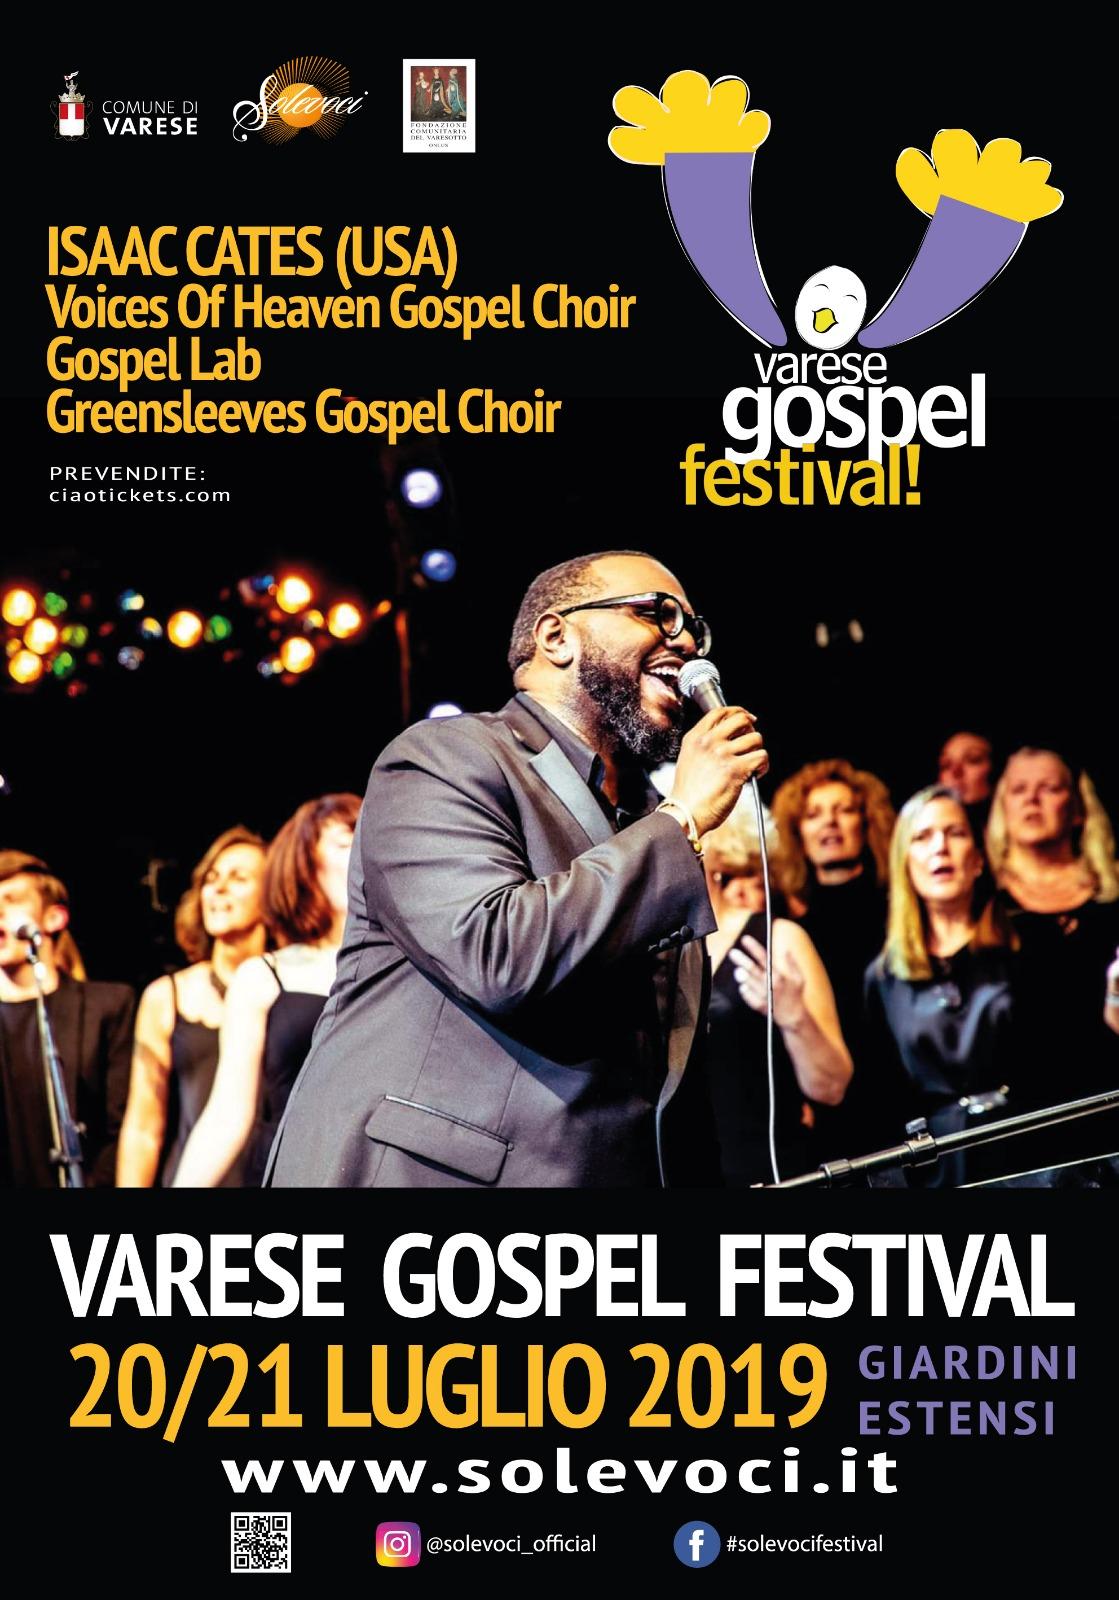 Varese Gospel Festival 2019